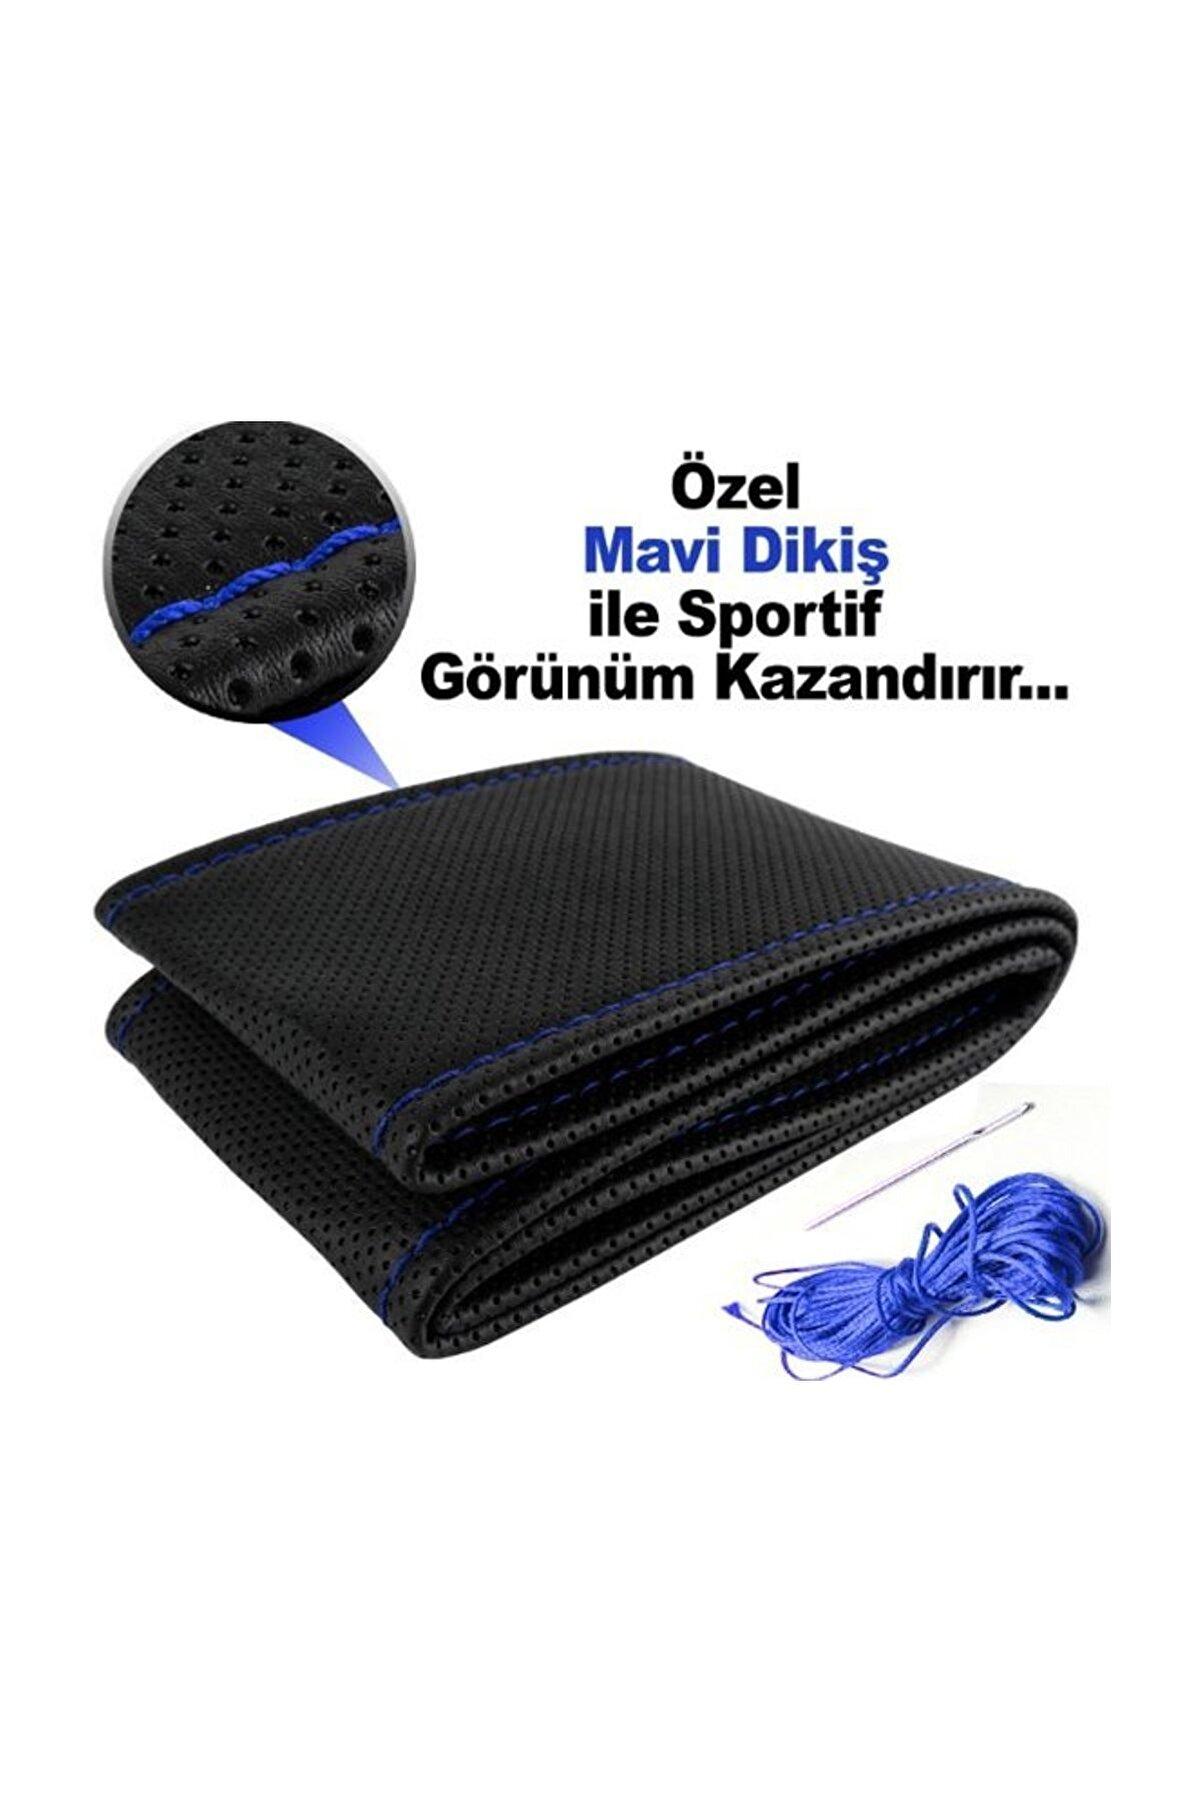 AutoEN Bmw M Serisi Deri Direksiyon Kılıfı Sarmalı Dikmeli Siyah Mavi Dikişli Kokusuz